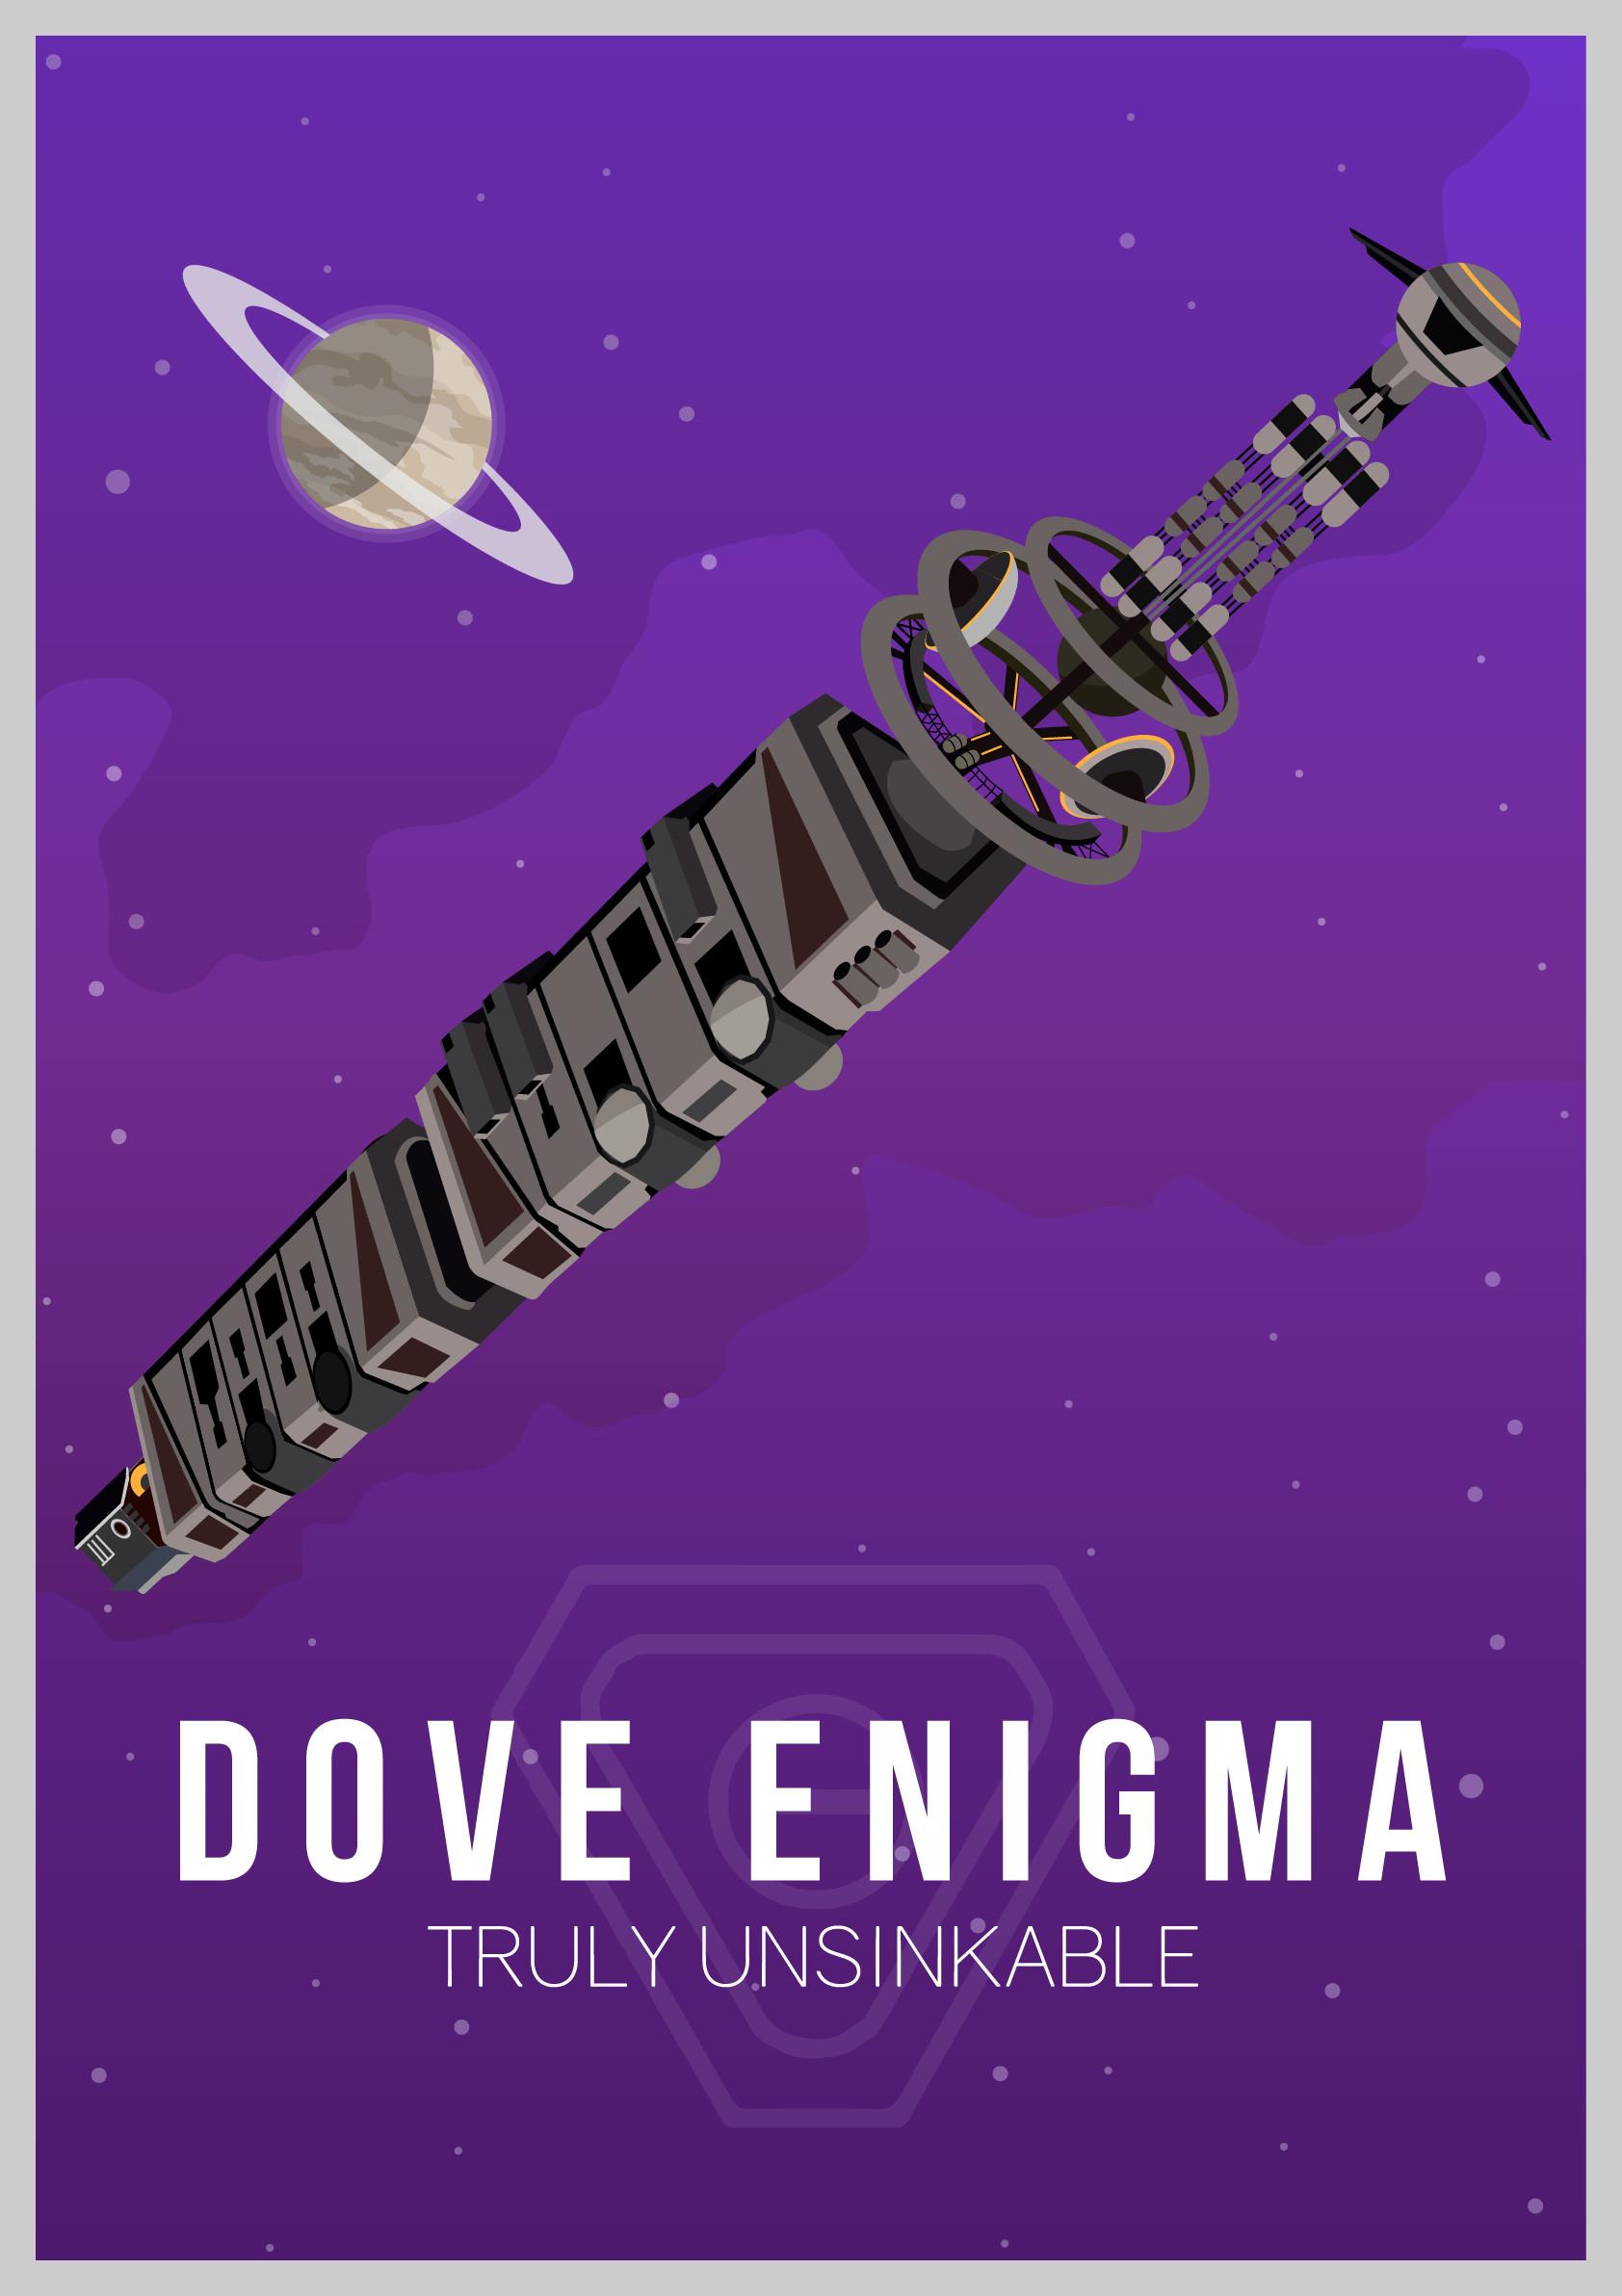 Mathew maddison dove enigma poster 01